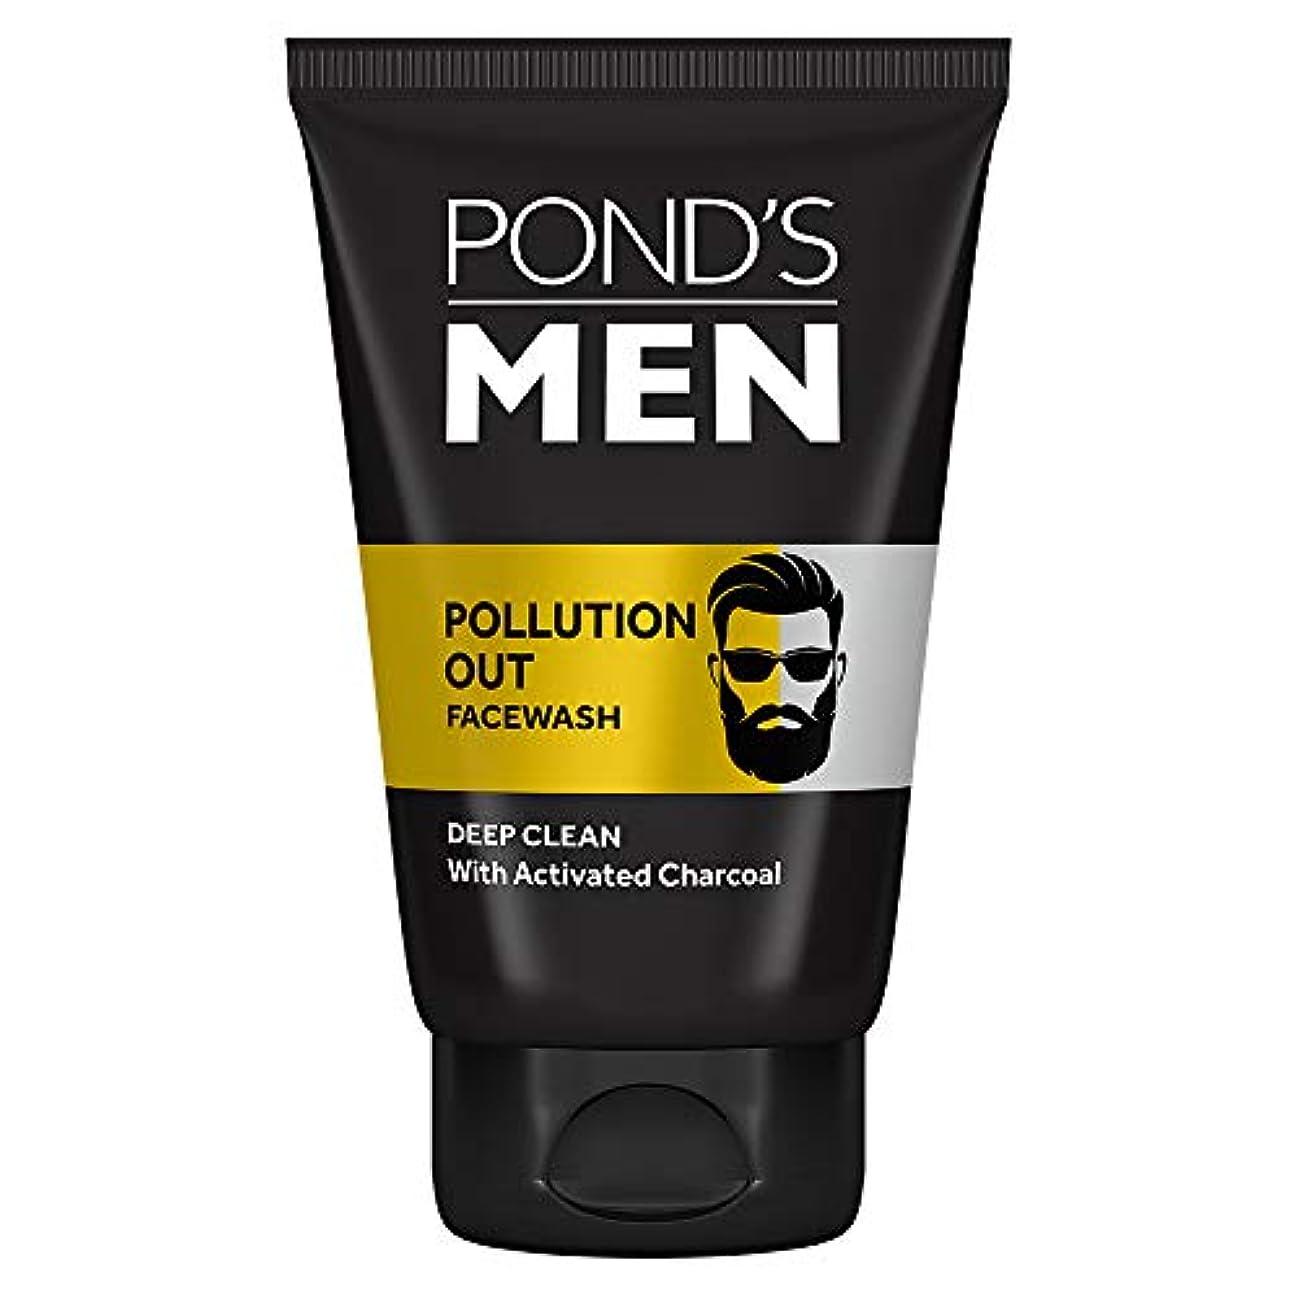 魔術師比喩柔和Pond's Men Pollution Out Face Wash, Feel Fresh 100gm